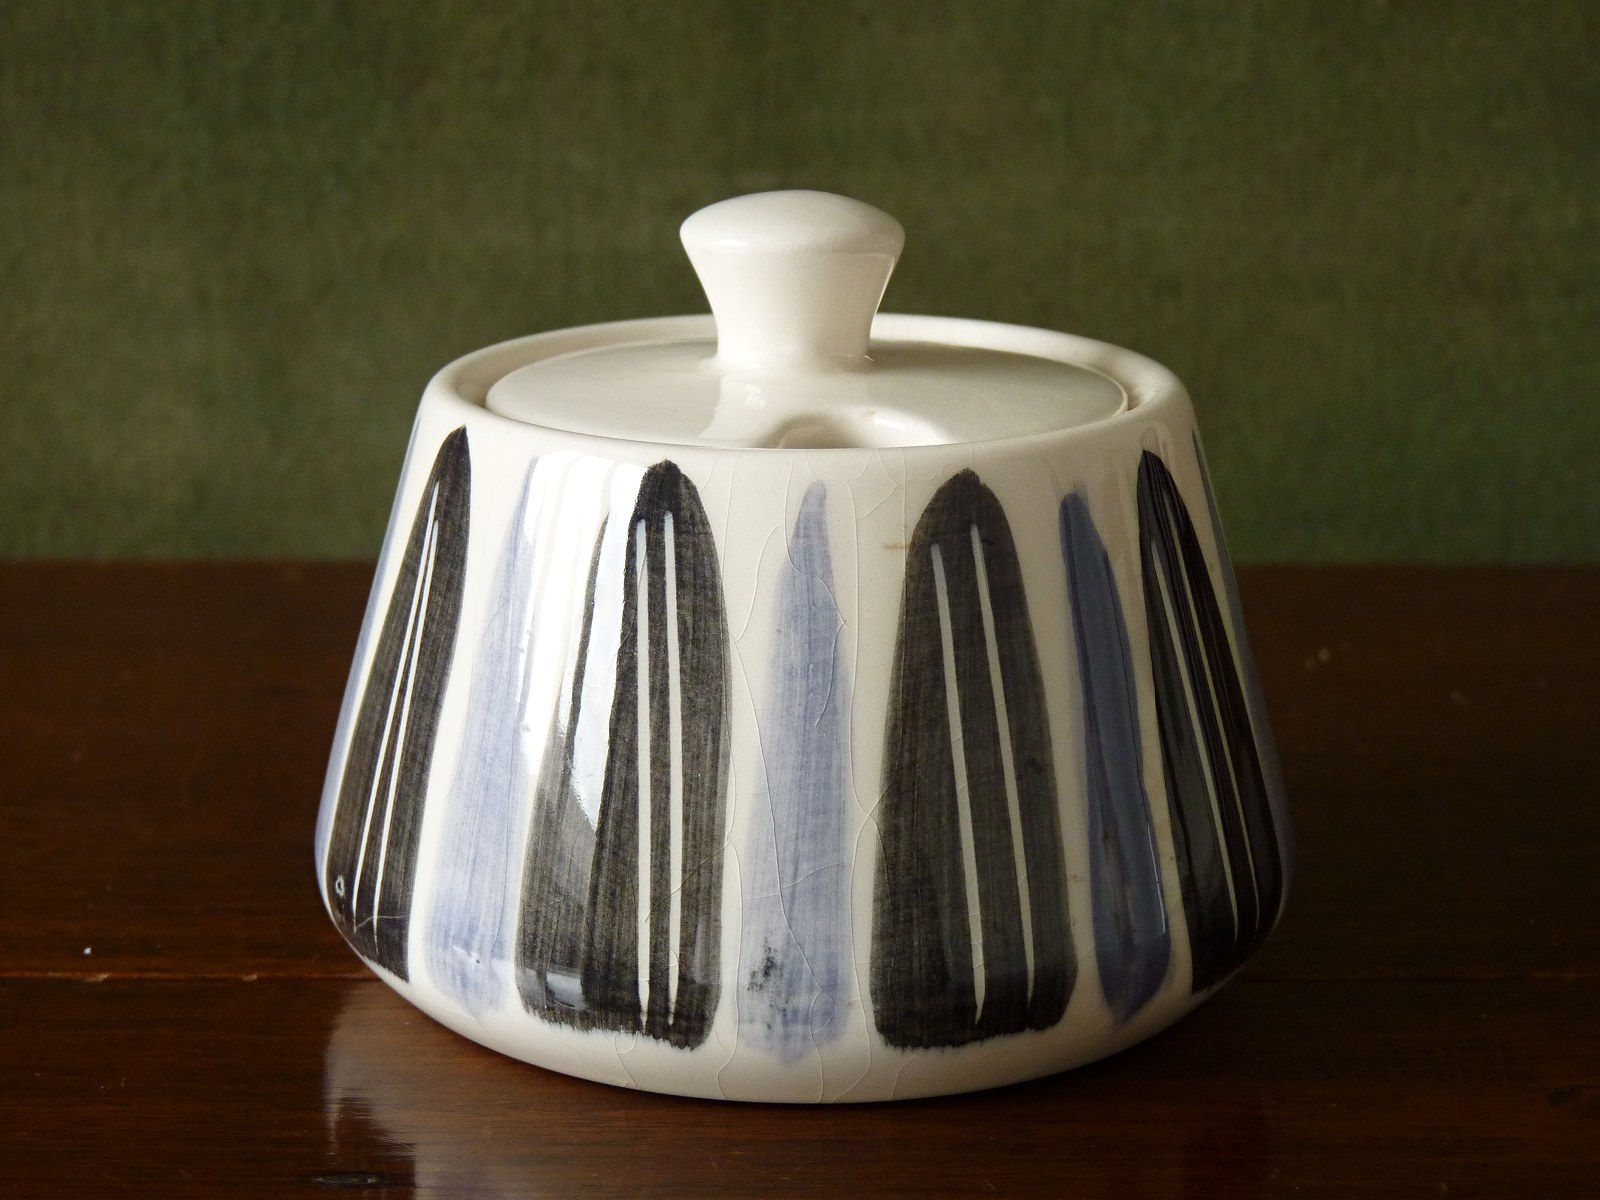 Prinknash sugar bowl